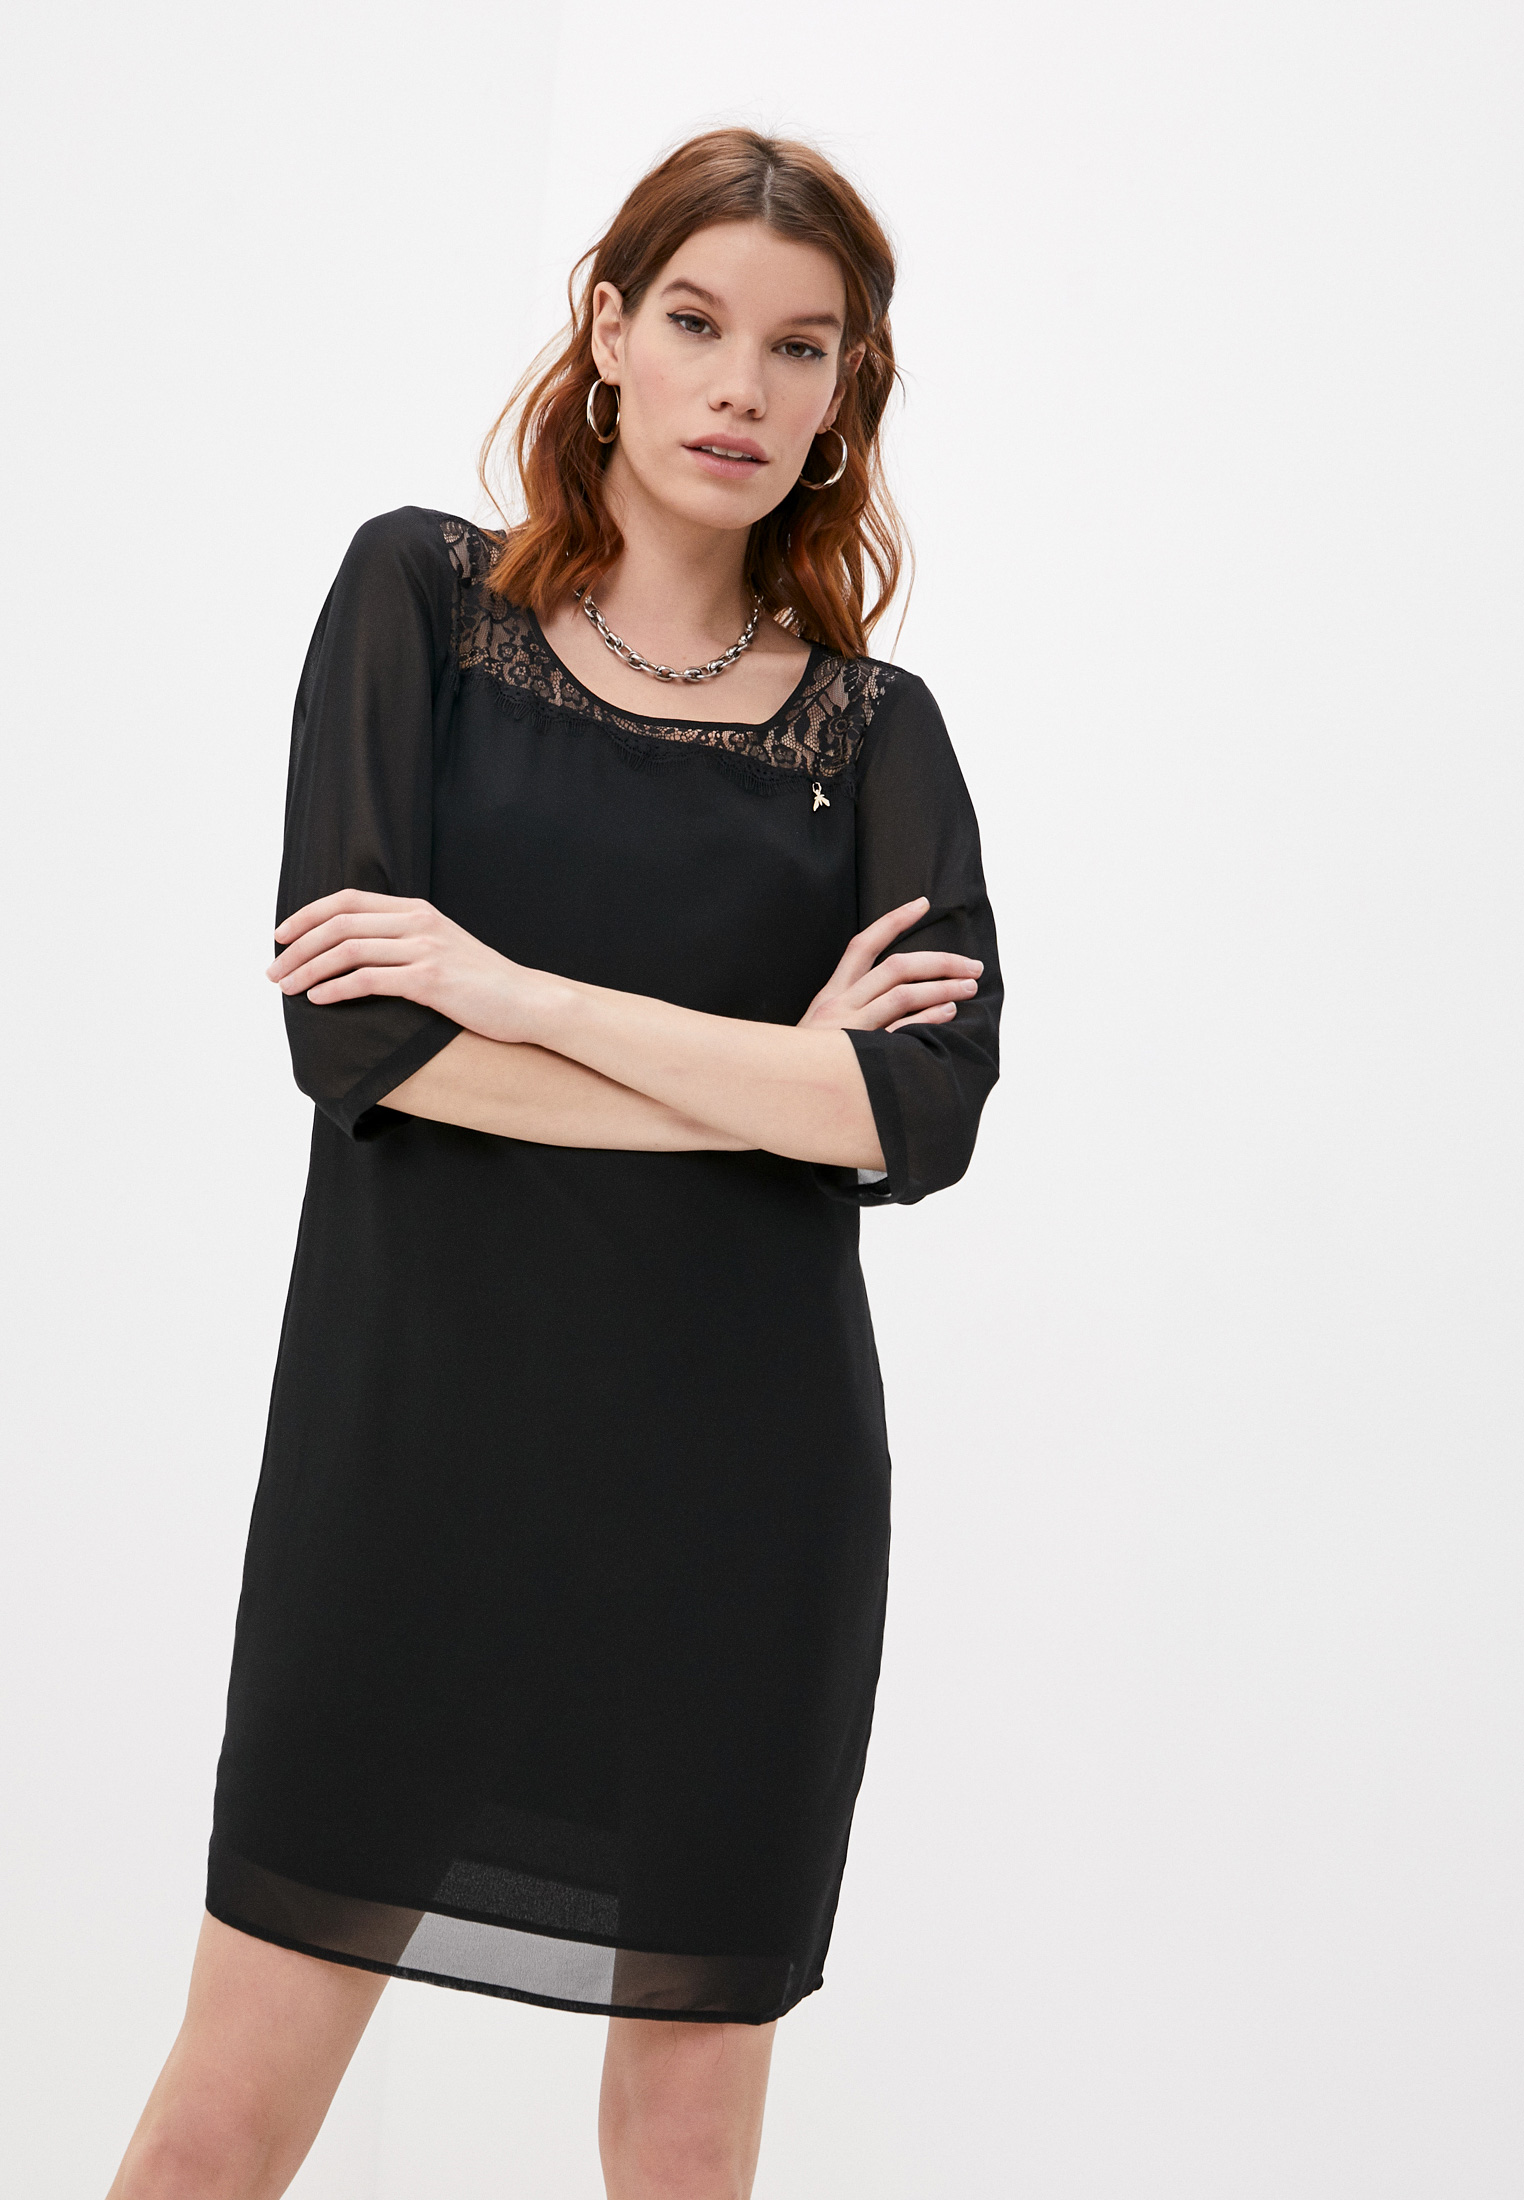 Повседневное платье Patrizia Pepe (Патриция Пепе) DA0374 AA76 K103: изображение 1